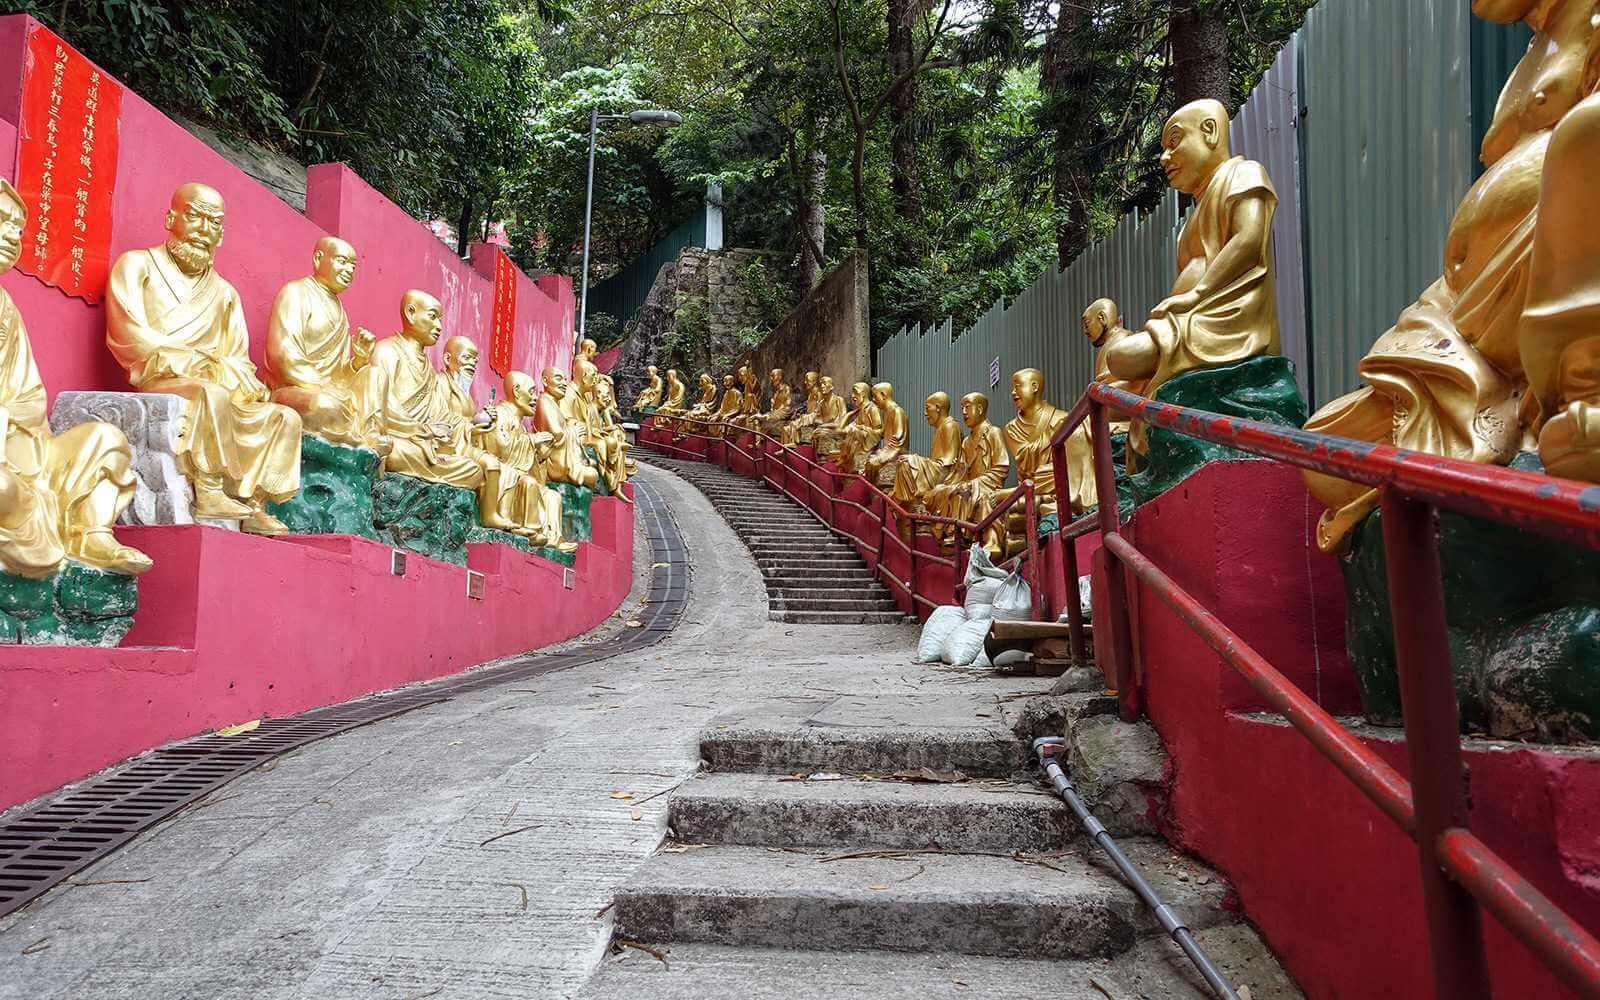 Это религиозное сооружение уже давно не действует по своему прямому назначению, но привлекает тысячи туристов и паломников